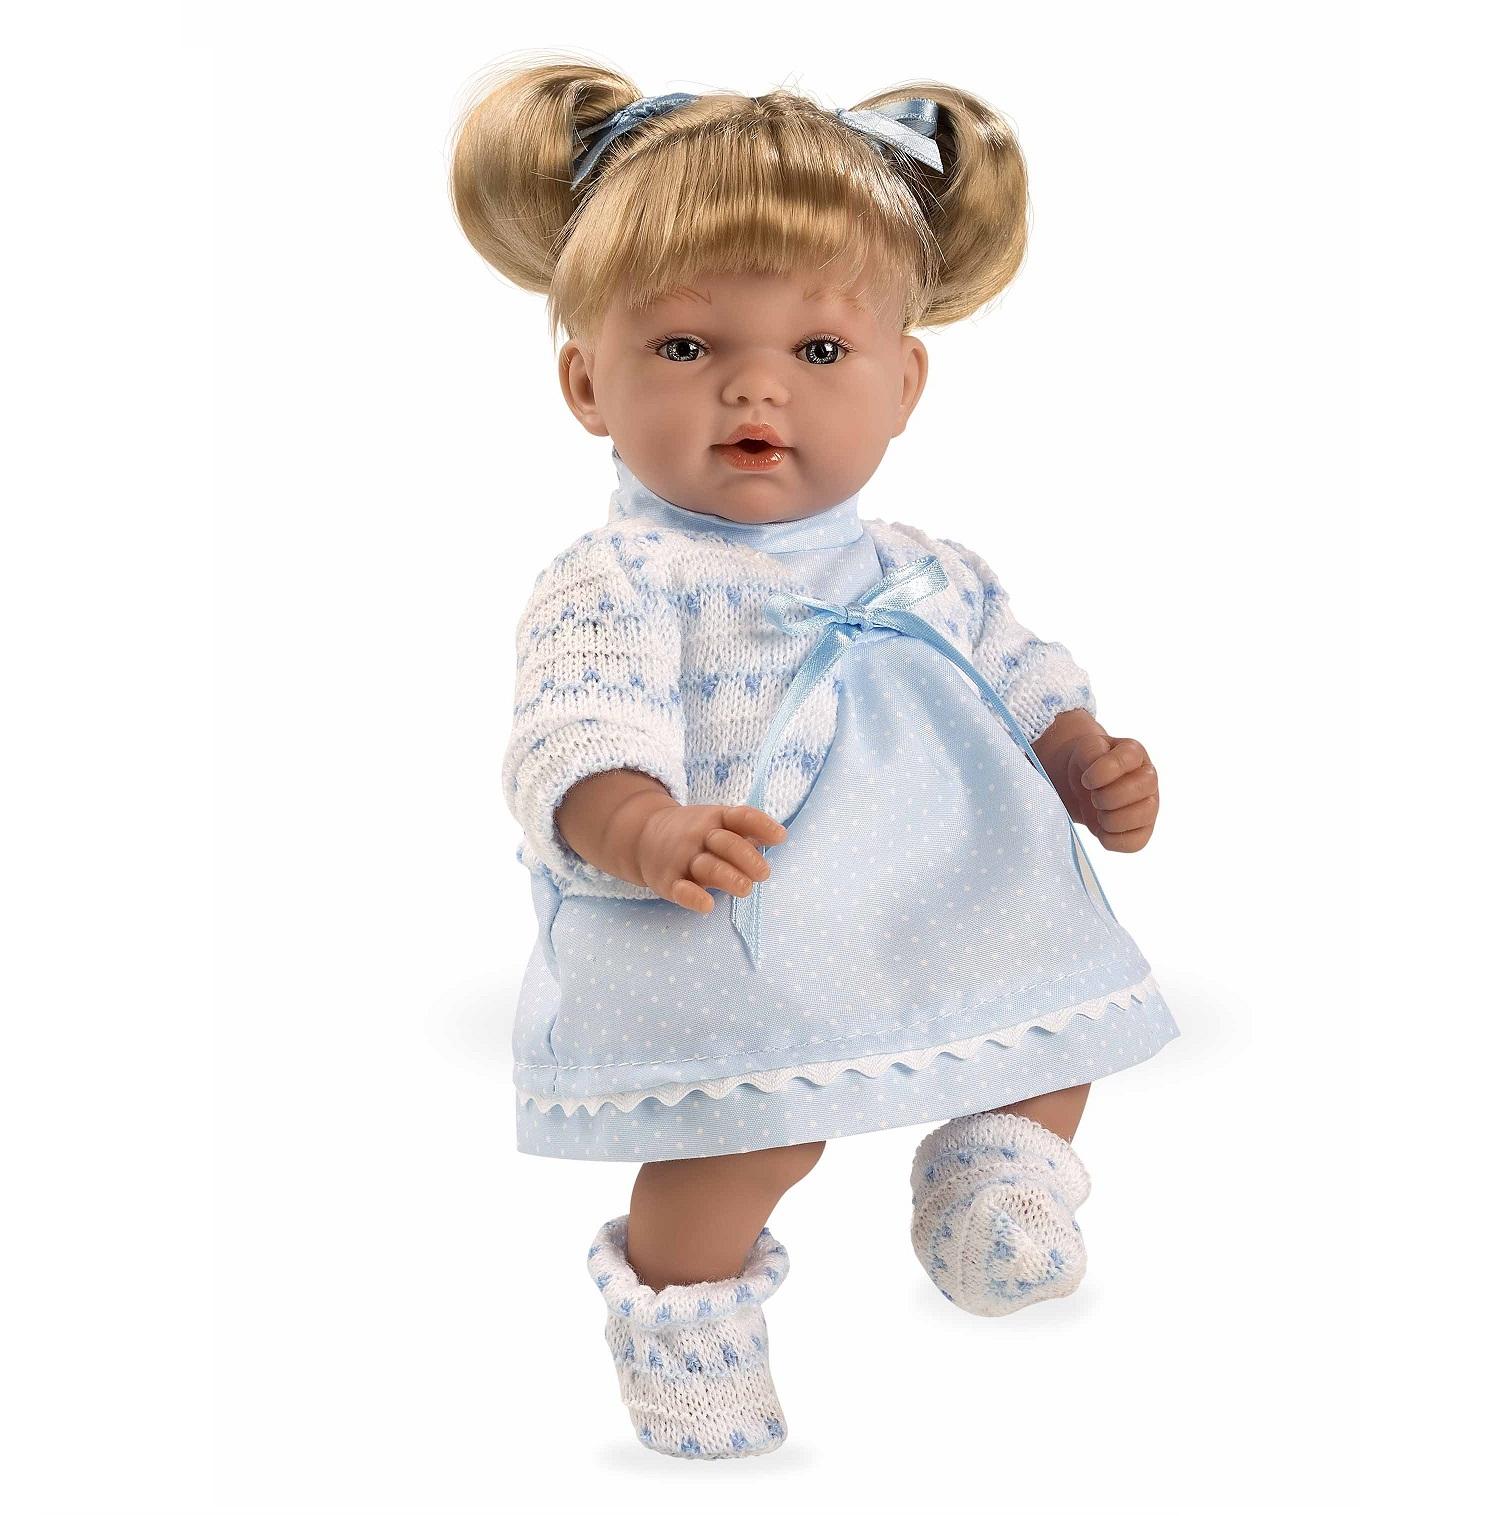 Купить Мягкая кукла из серии Arias Elegance, смеется, в голубом платье, 28 см.